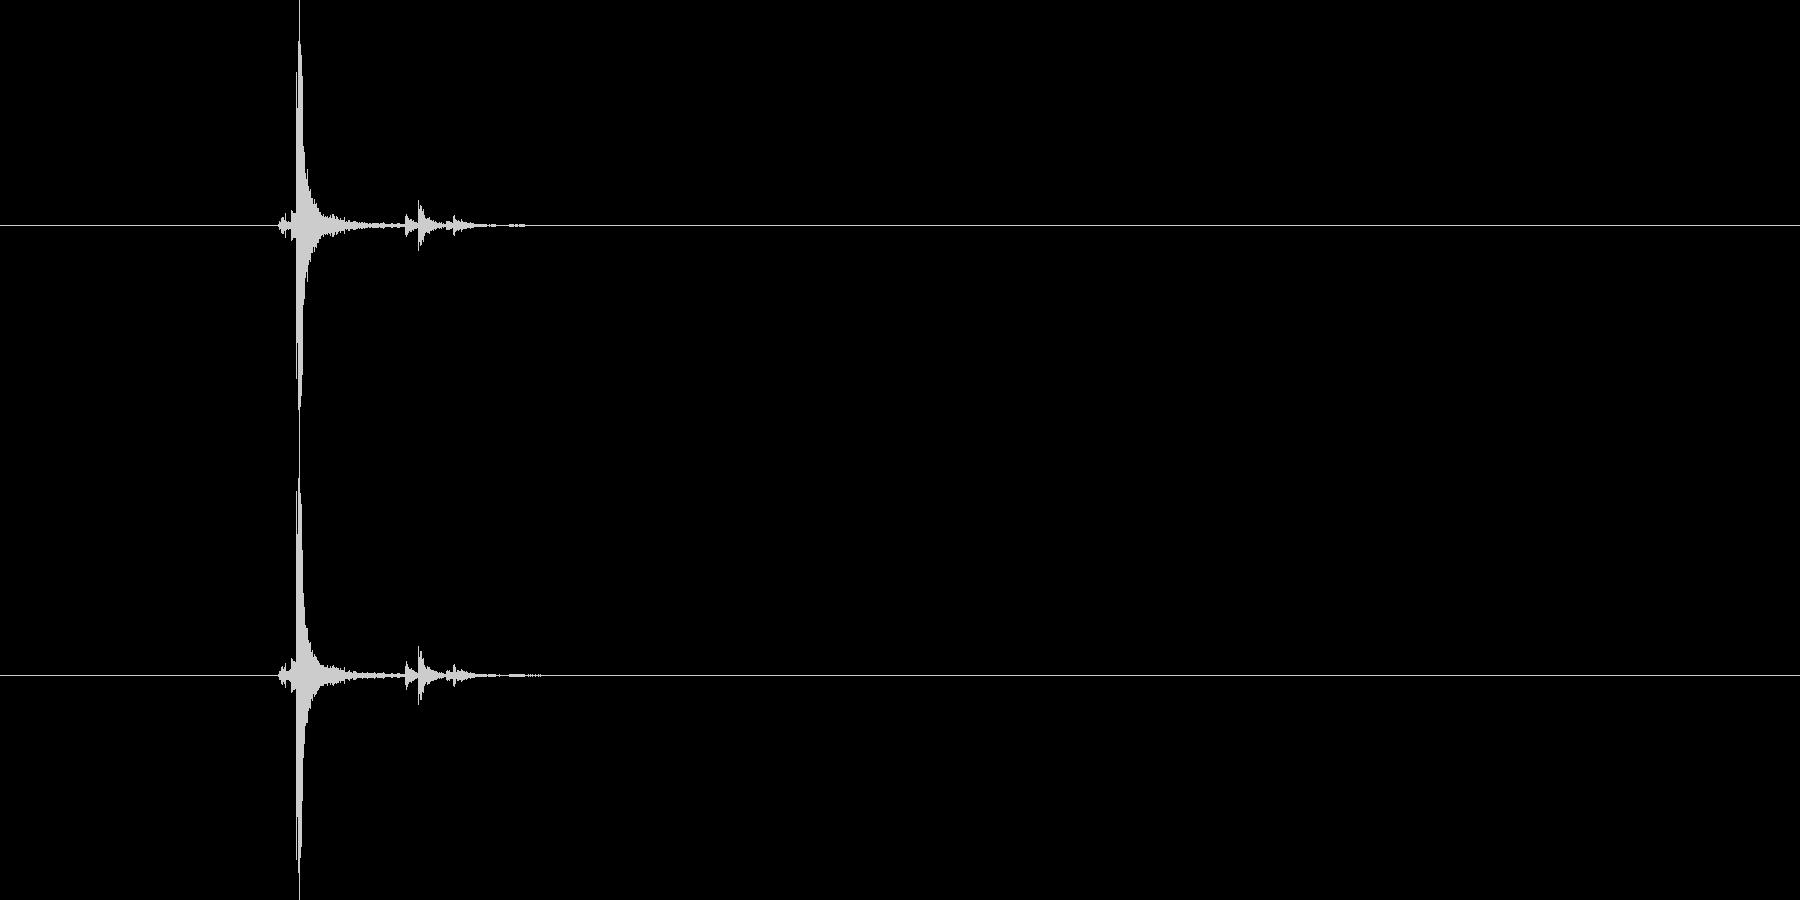 カシャッと勢いのある金属音の未再生の波形